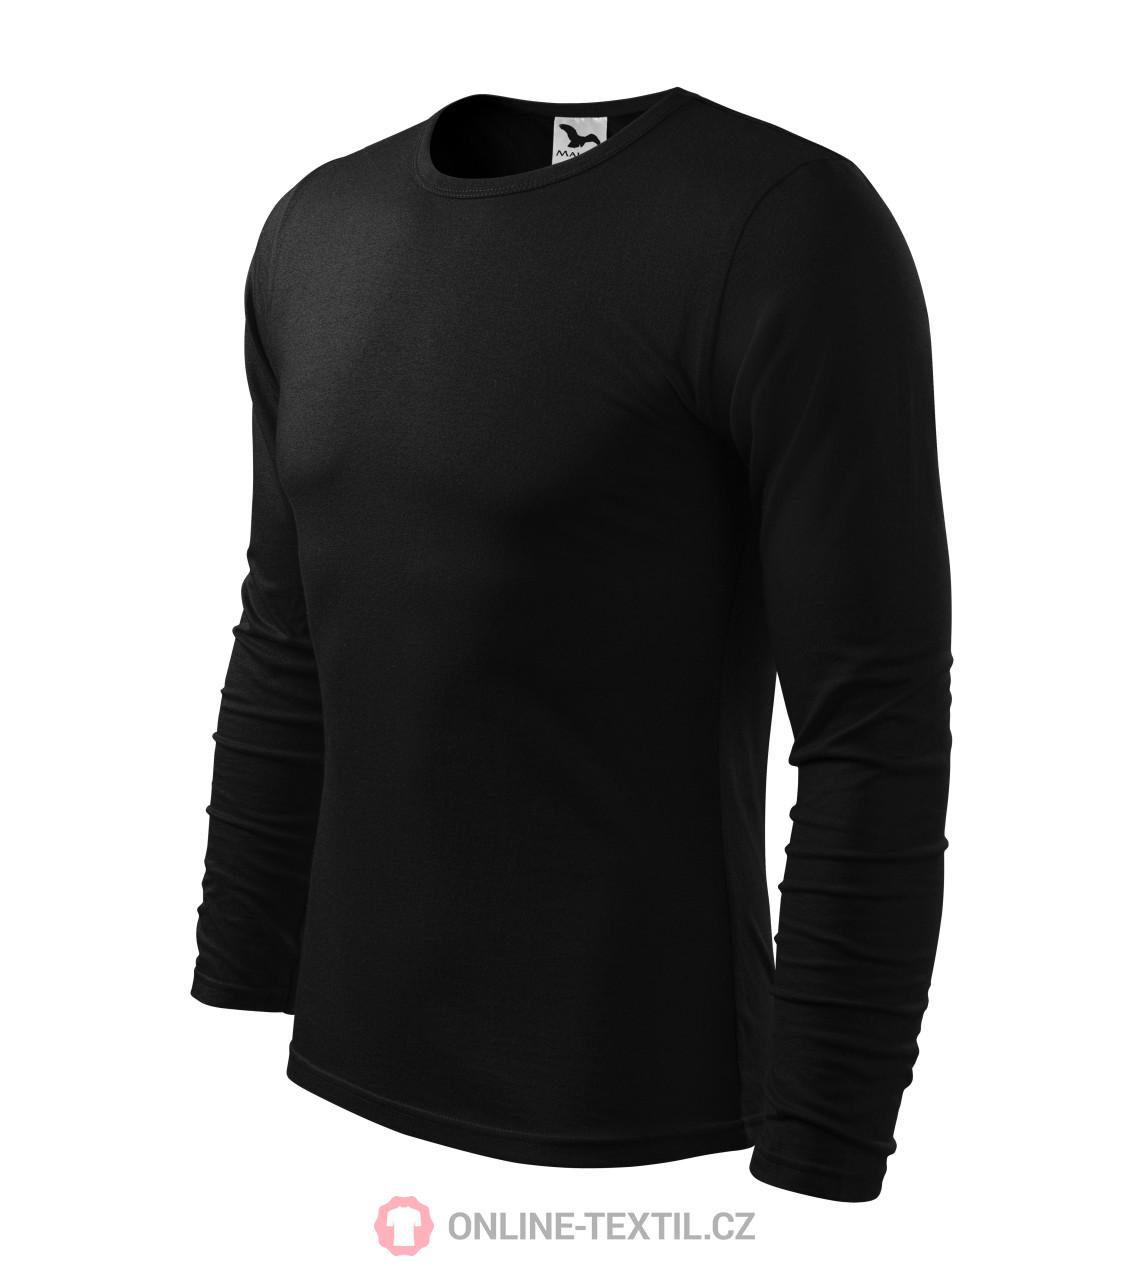 ADLER CZECH Triko pánské Fit-T s dlouhým rukávem 119 - černá z ... 888f9e9b59